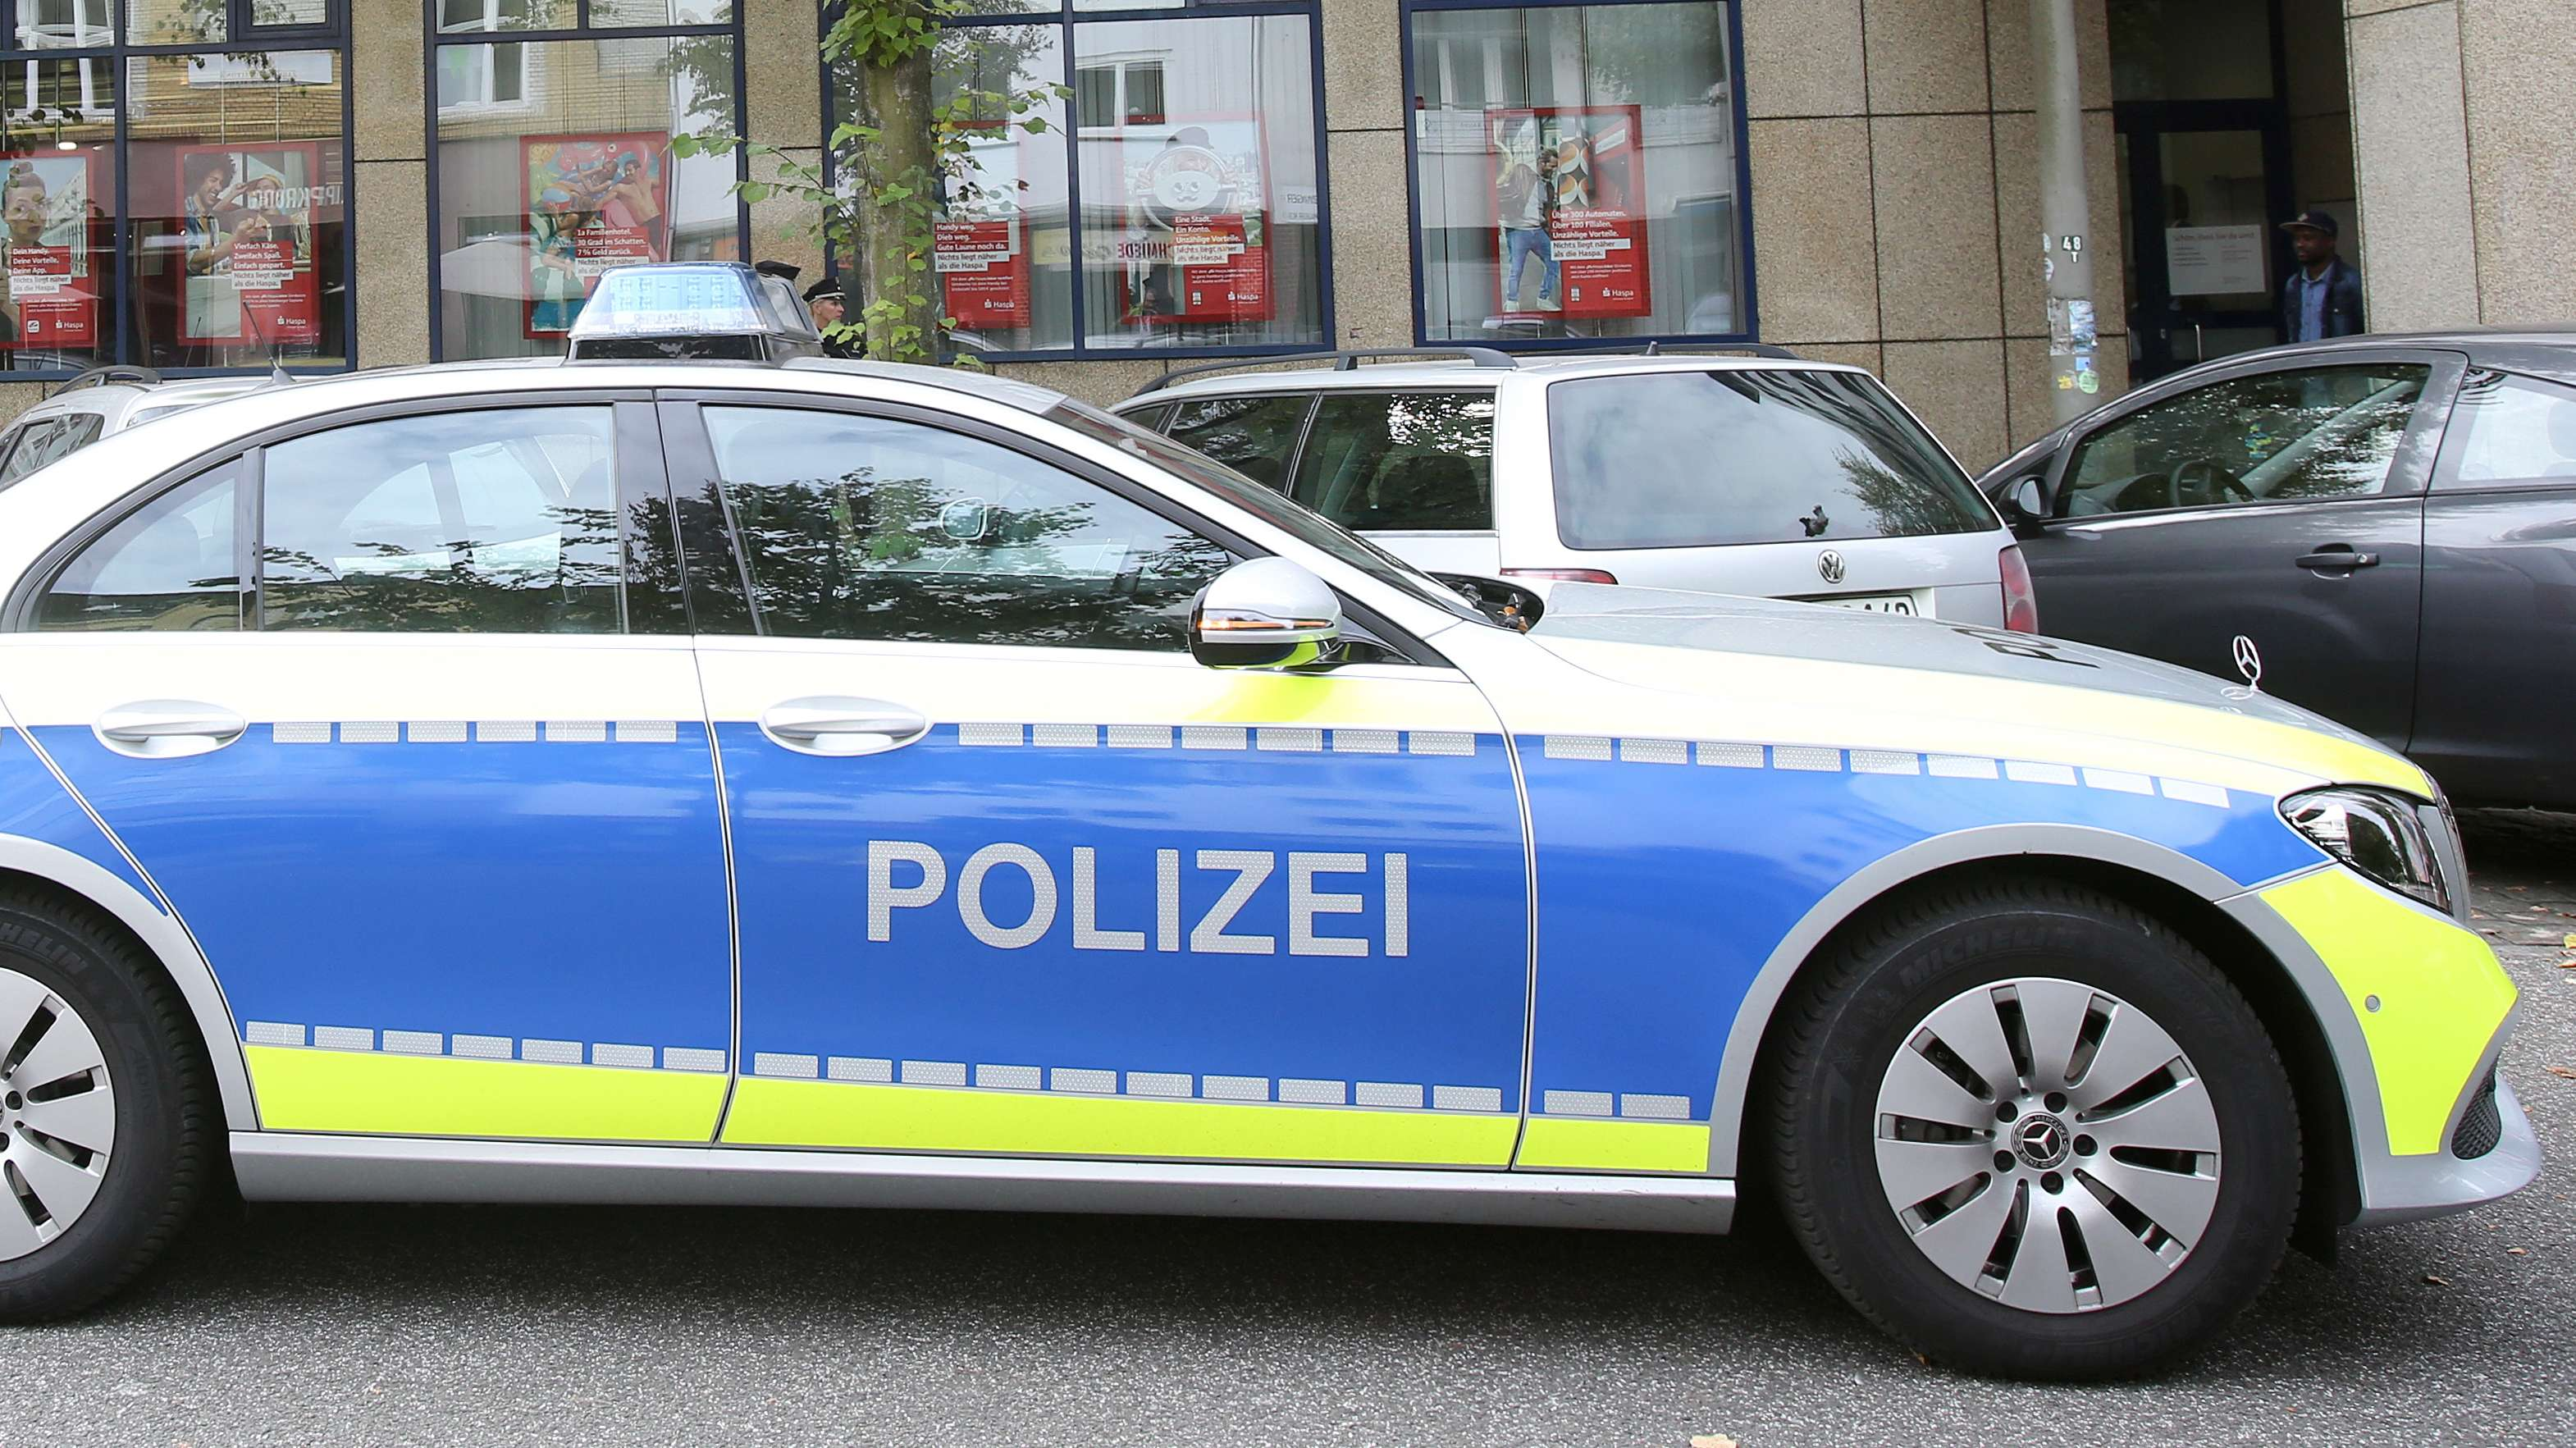 Symbolbild: Polizeiauto vor einer Sparkasse.